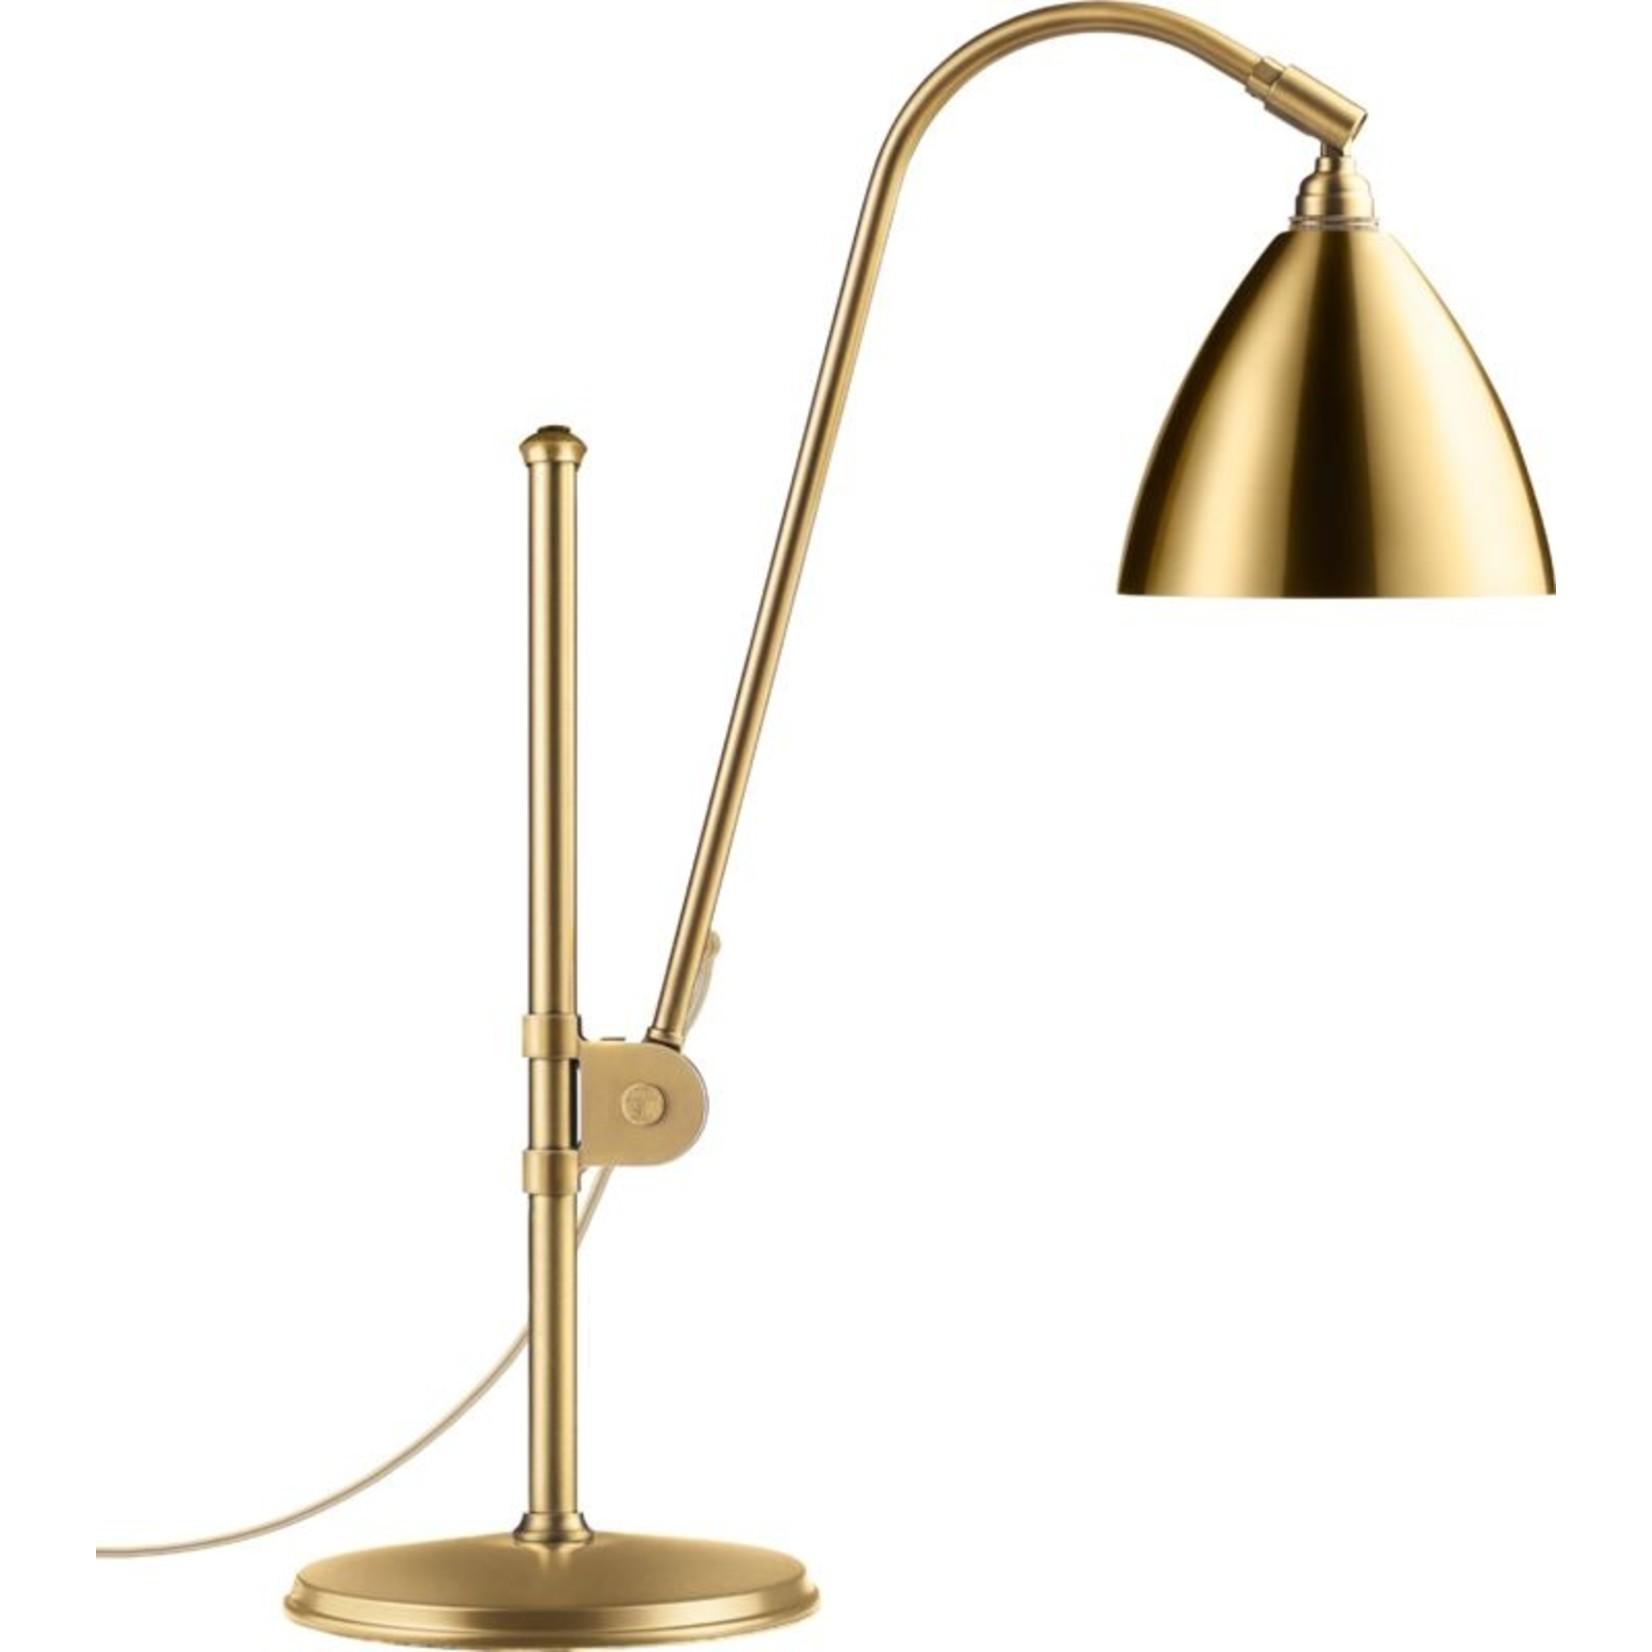 Gubi BL1 Table Lamp - Ø16 | Brass Base & Shiny Brass Shade